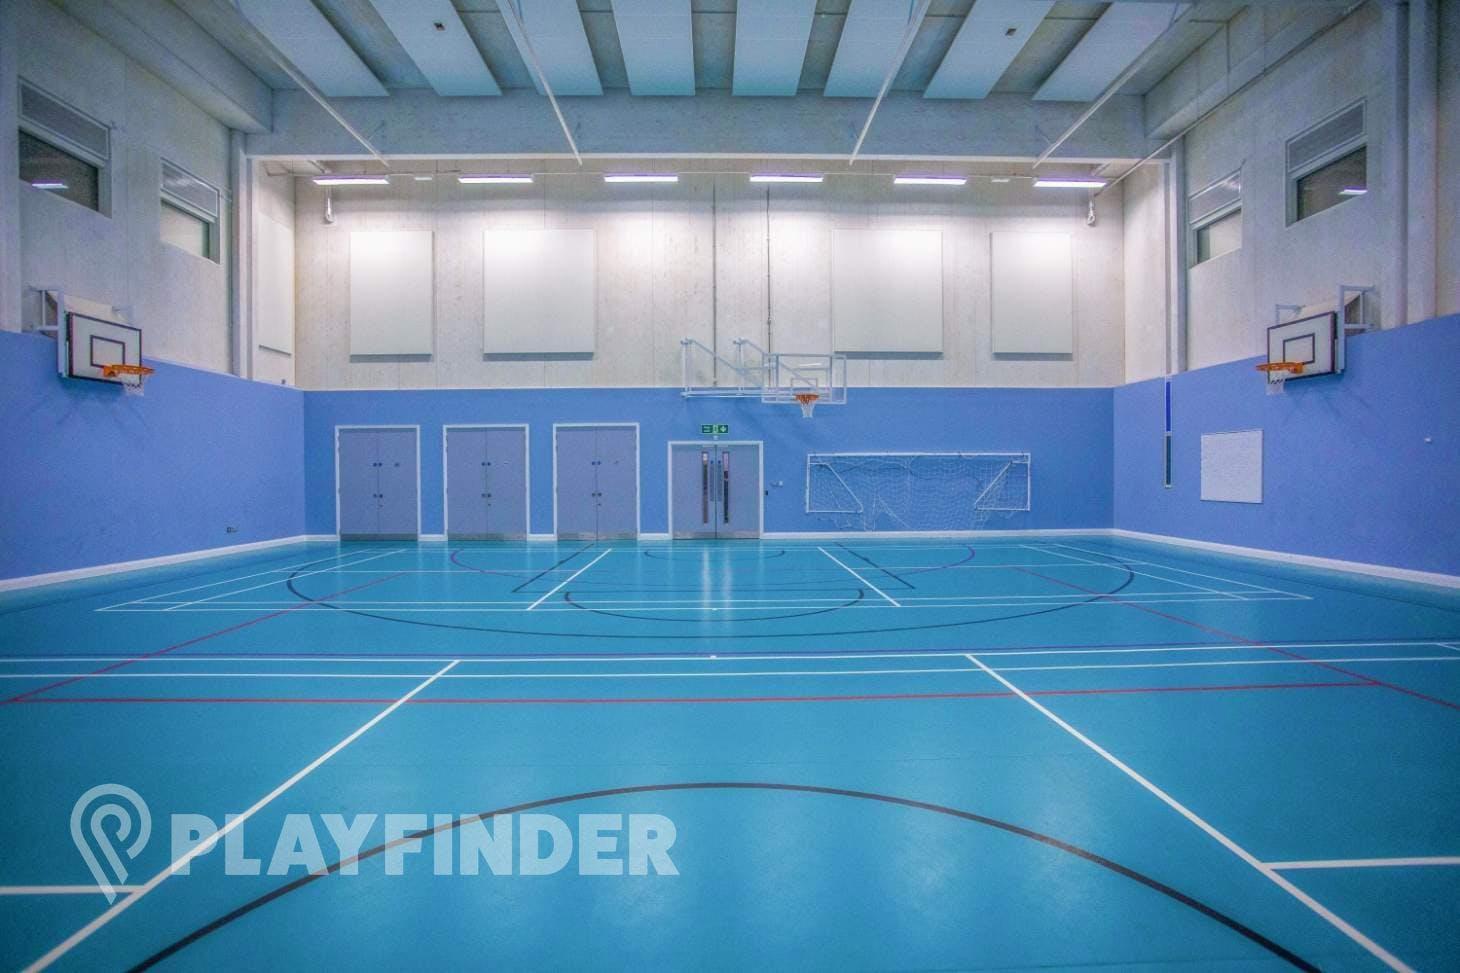 Mossbourne Victoria Park Academy Indoor netball court